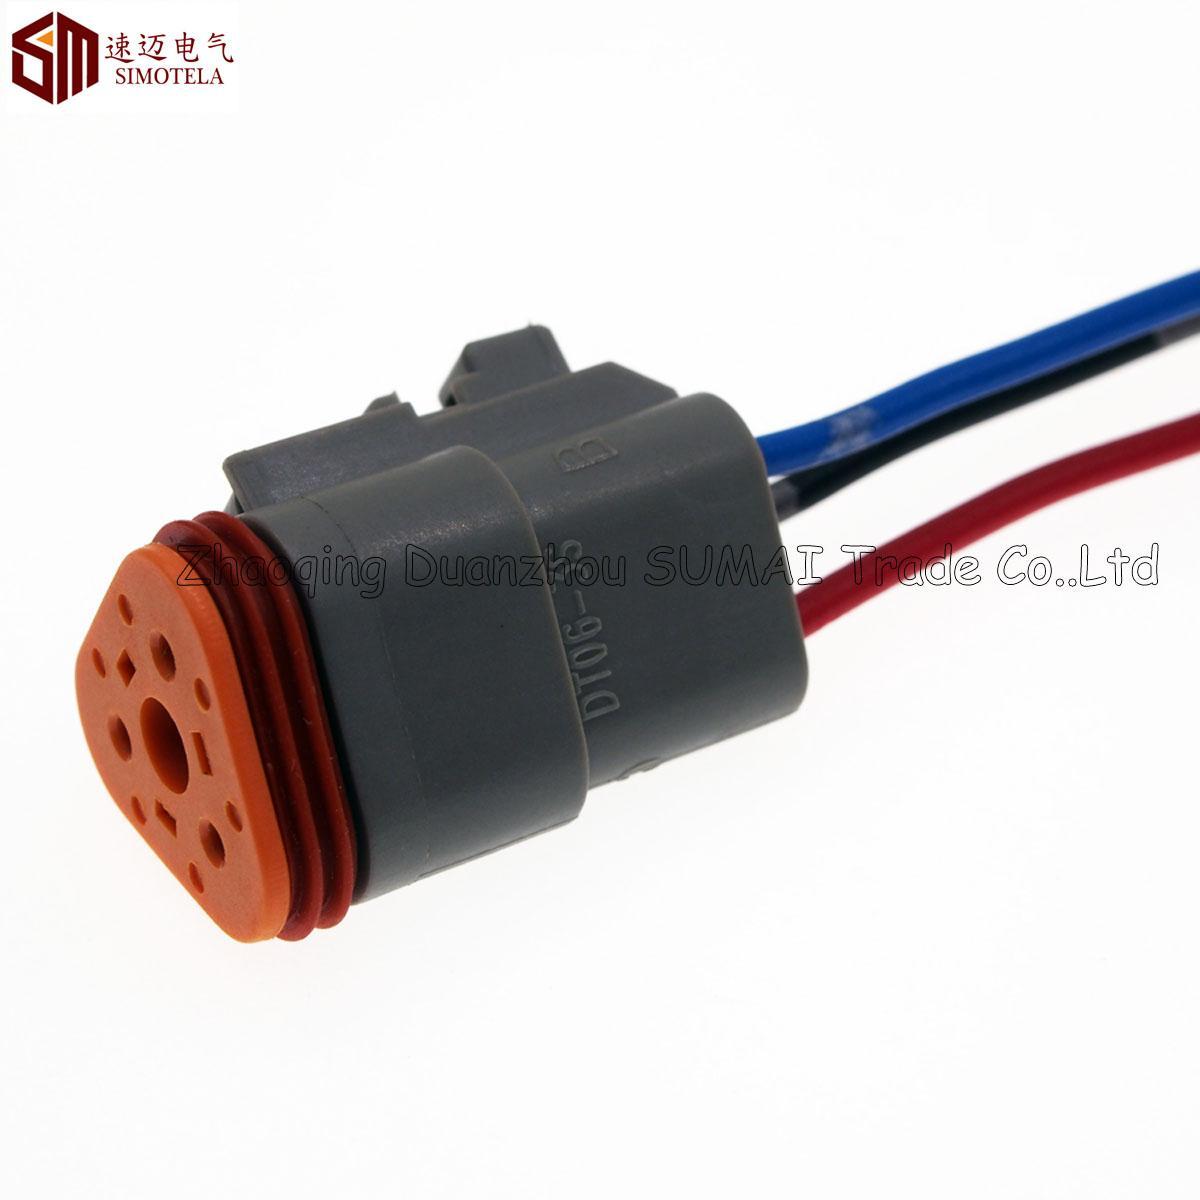 Gray Deutsch DT06-3S y DT04-3P 3Pin Conector eléctrico a prueba de agua del motor / caja de cambios para coche, autobús, camión, barcos